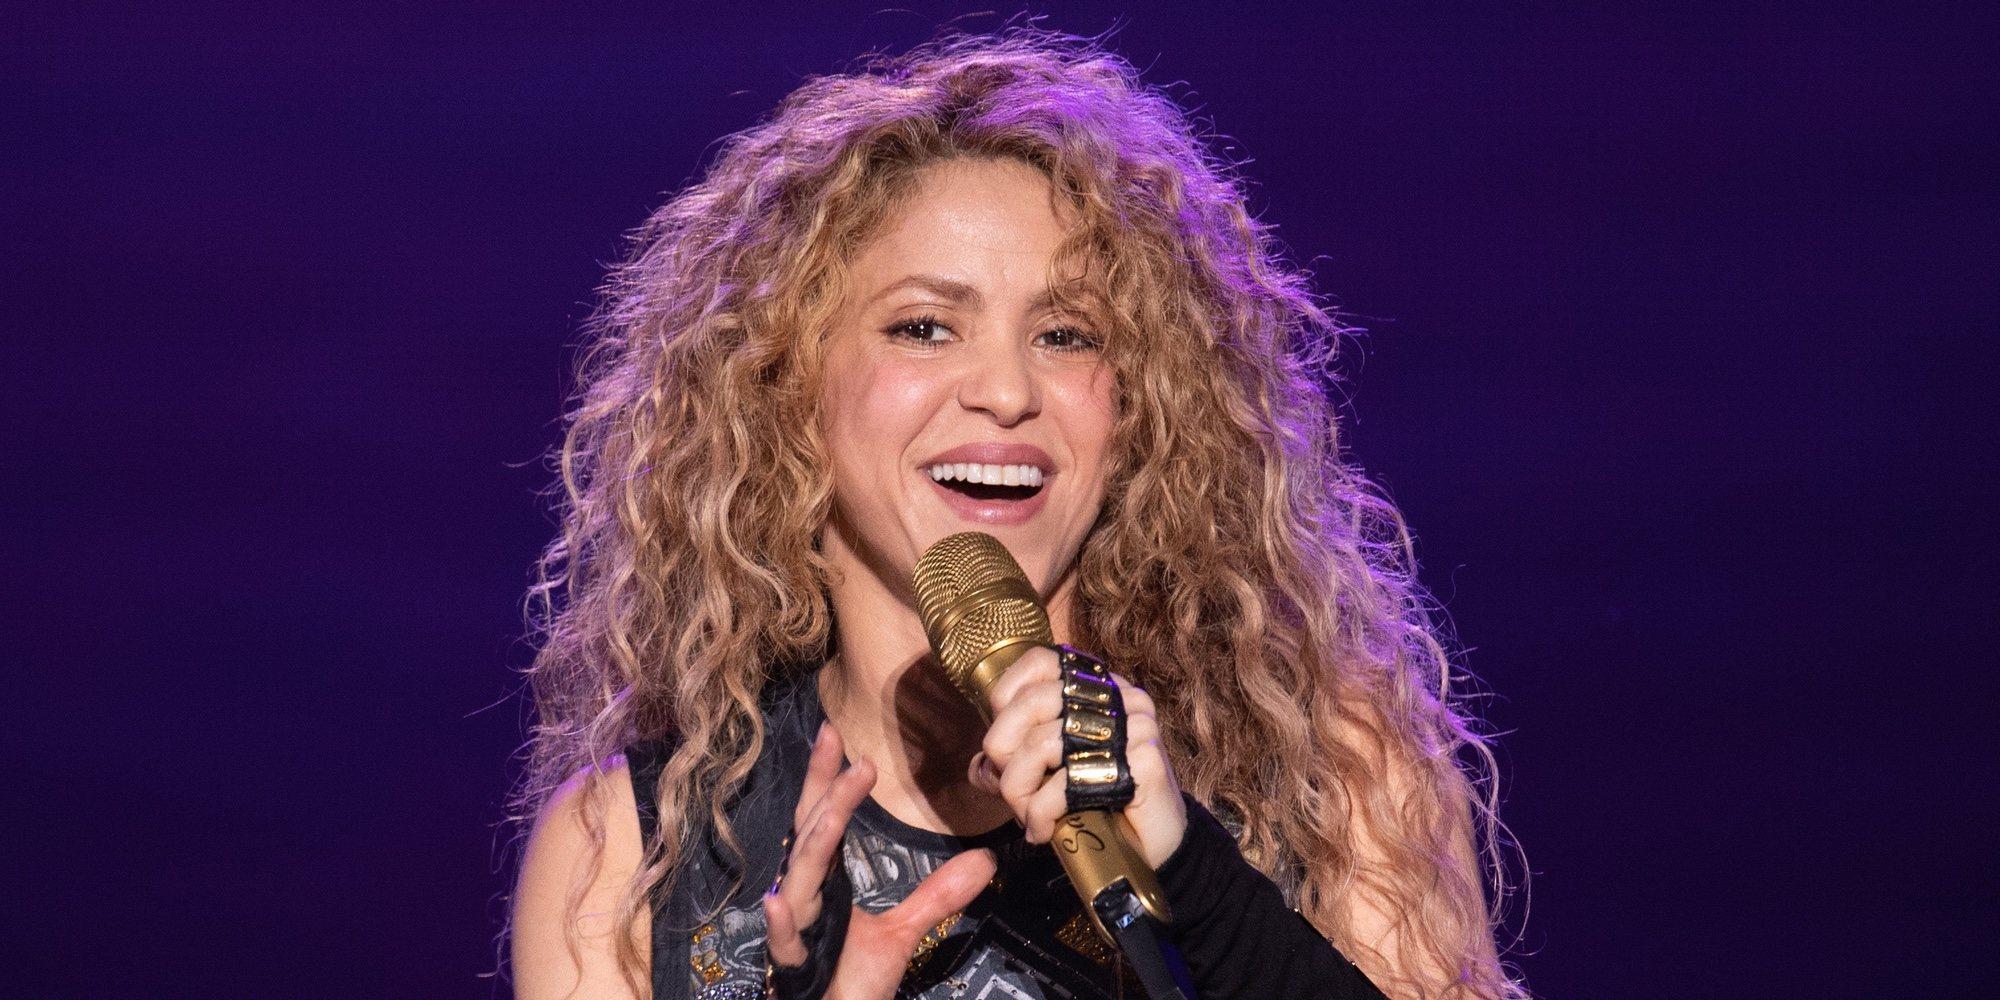 Una milagrosa recuperación: Esto es lo que le prometió Shakira a Dios si volvía a cantar